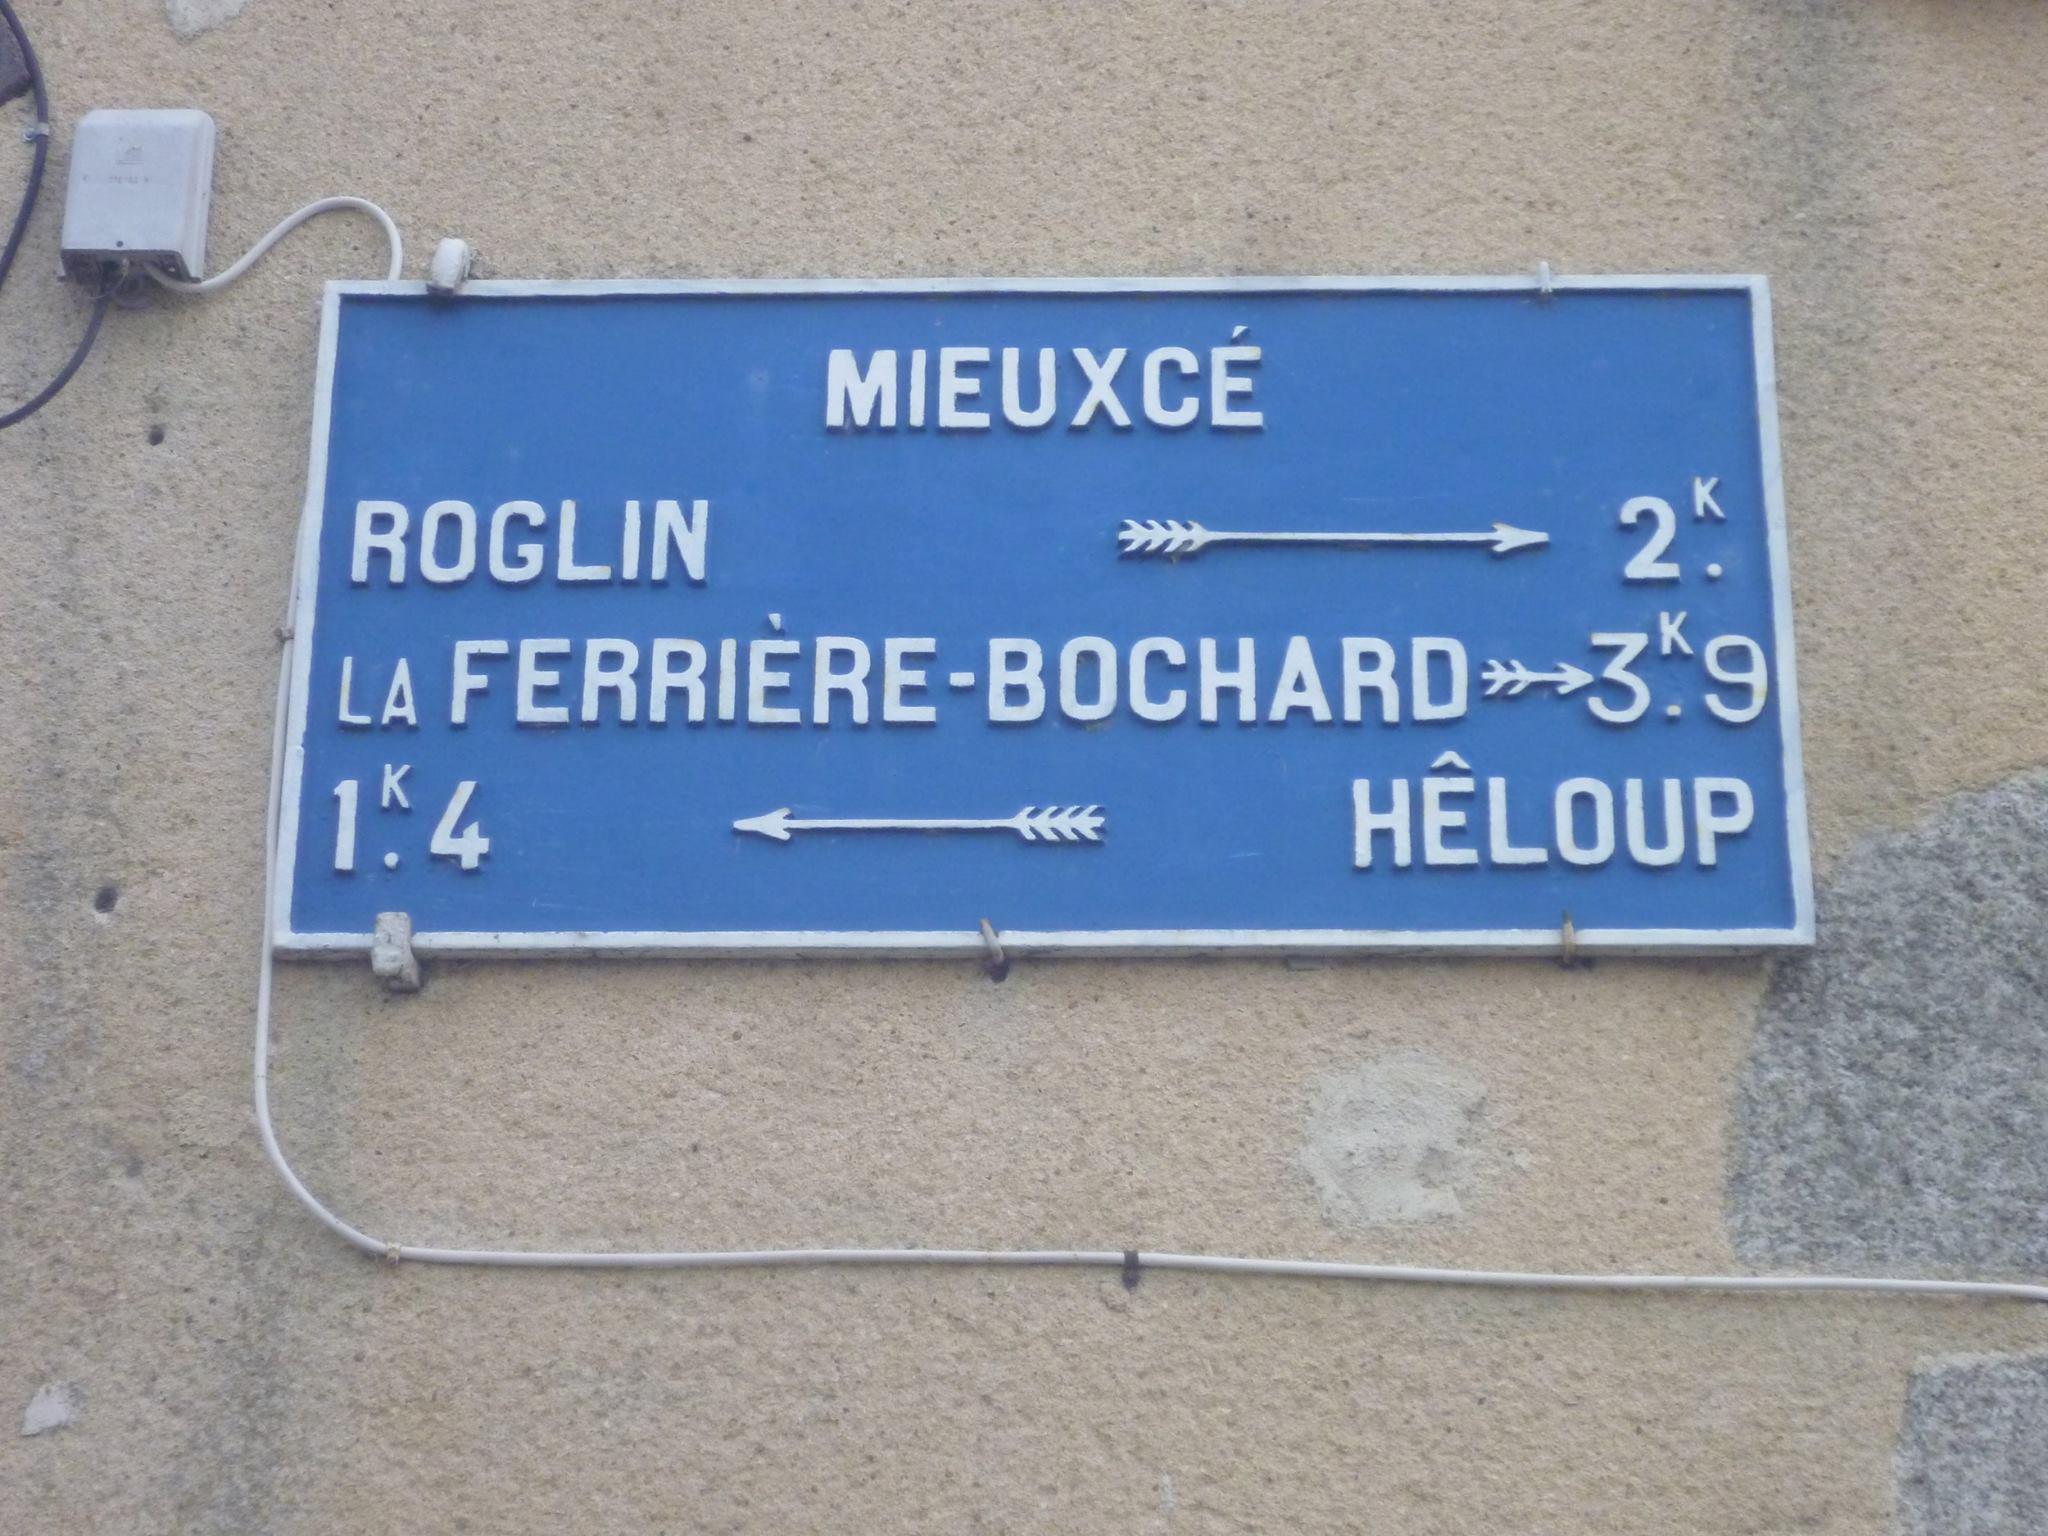 Zone 61 - Mieuxcé - Plaque de cocher - Roglin - La Ferrière Bochard - Hêloup (Gwéna Tireau)